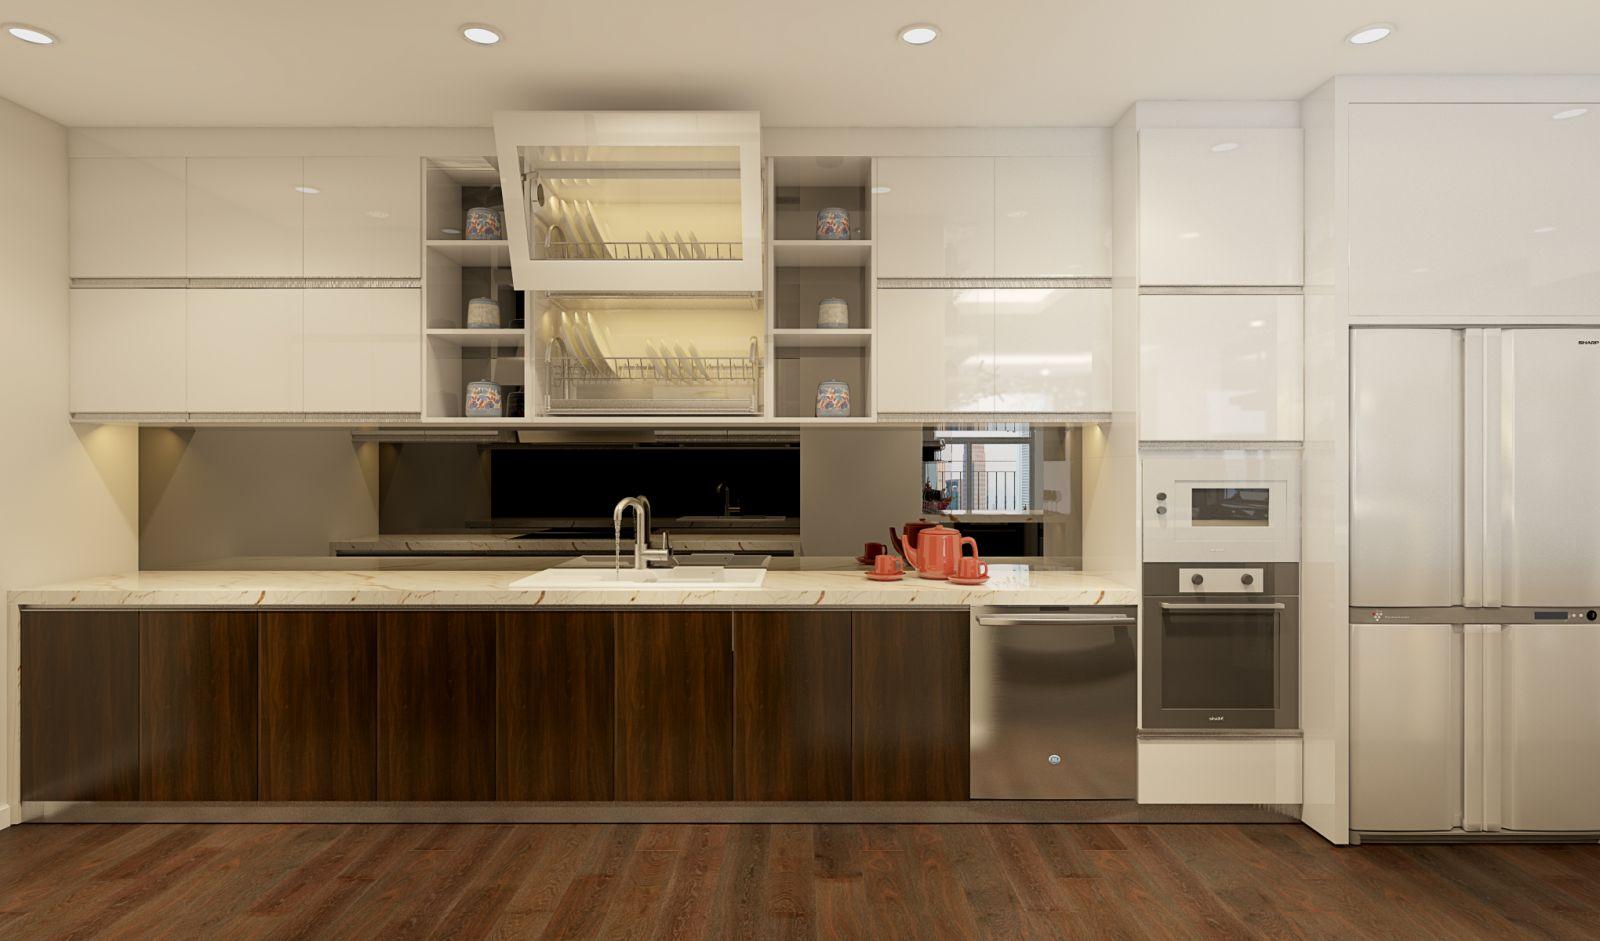 Thiết kế nội thất chung cư phòng bếp và khu vực ăn uống